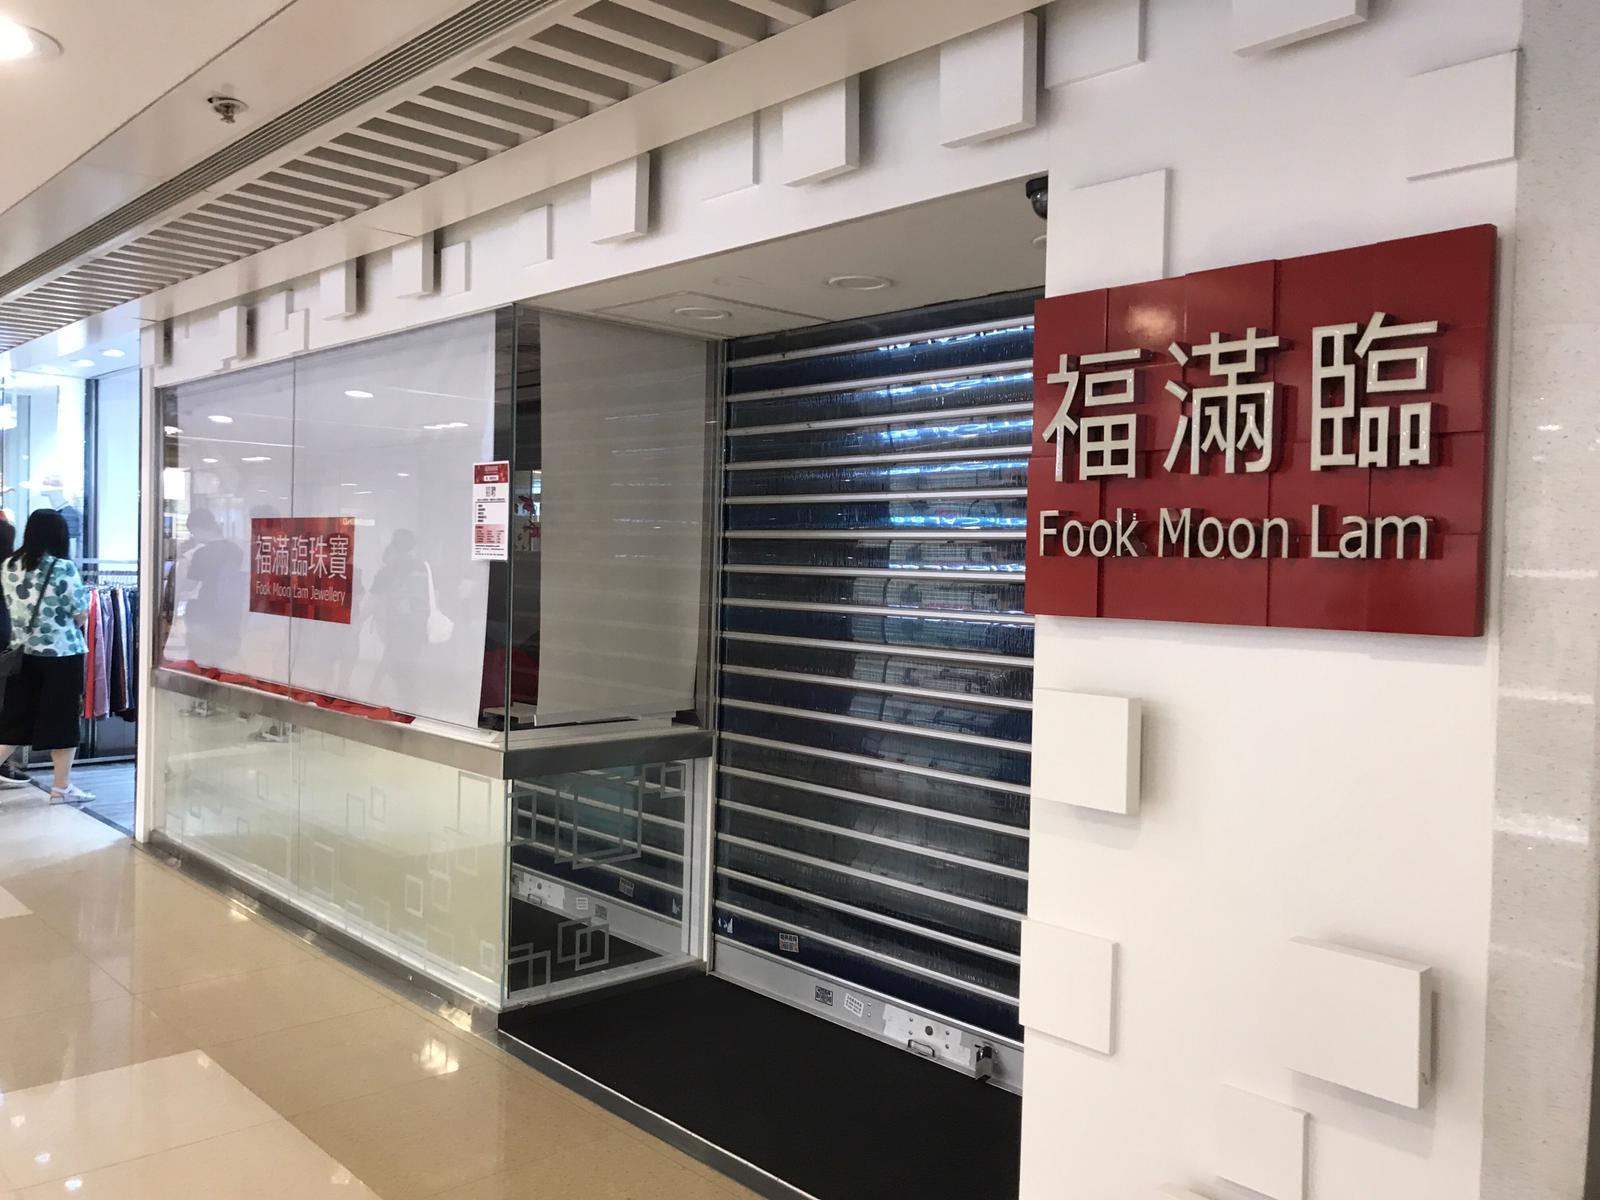 部分店鎛鋪及食肆暫停營業。